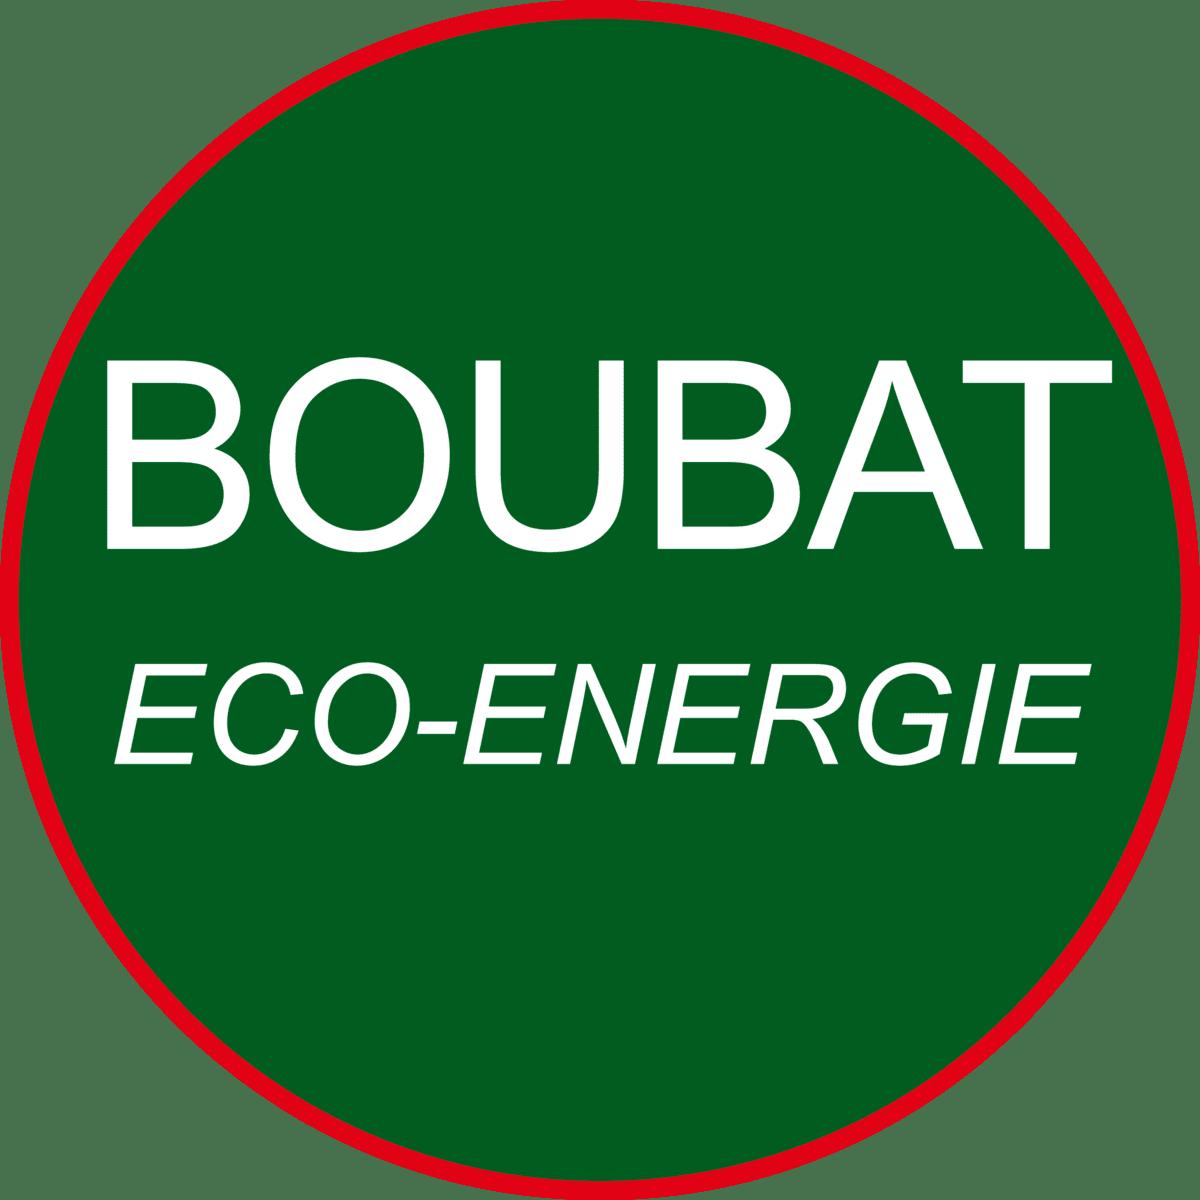 Image Boubat Eco Énergie